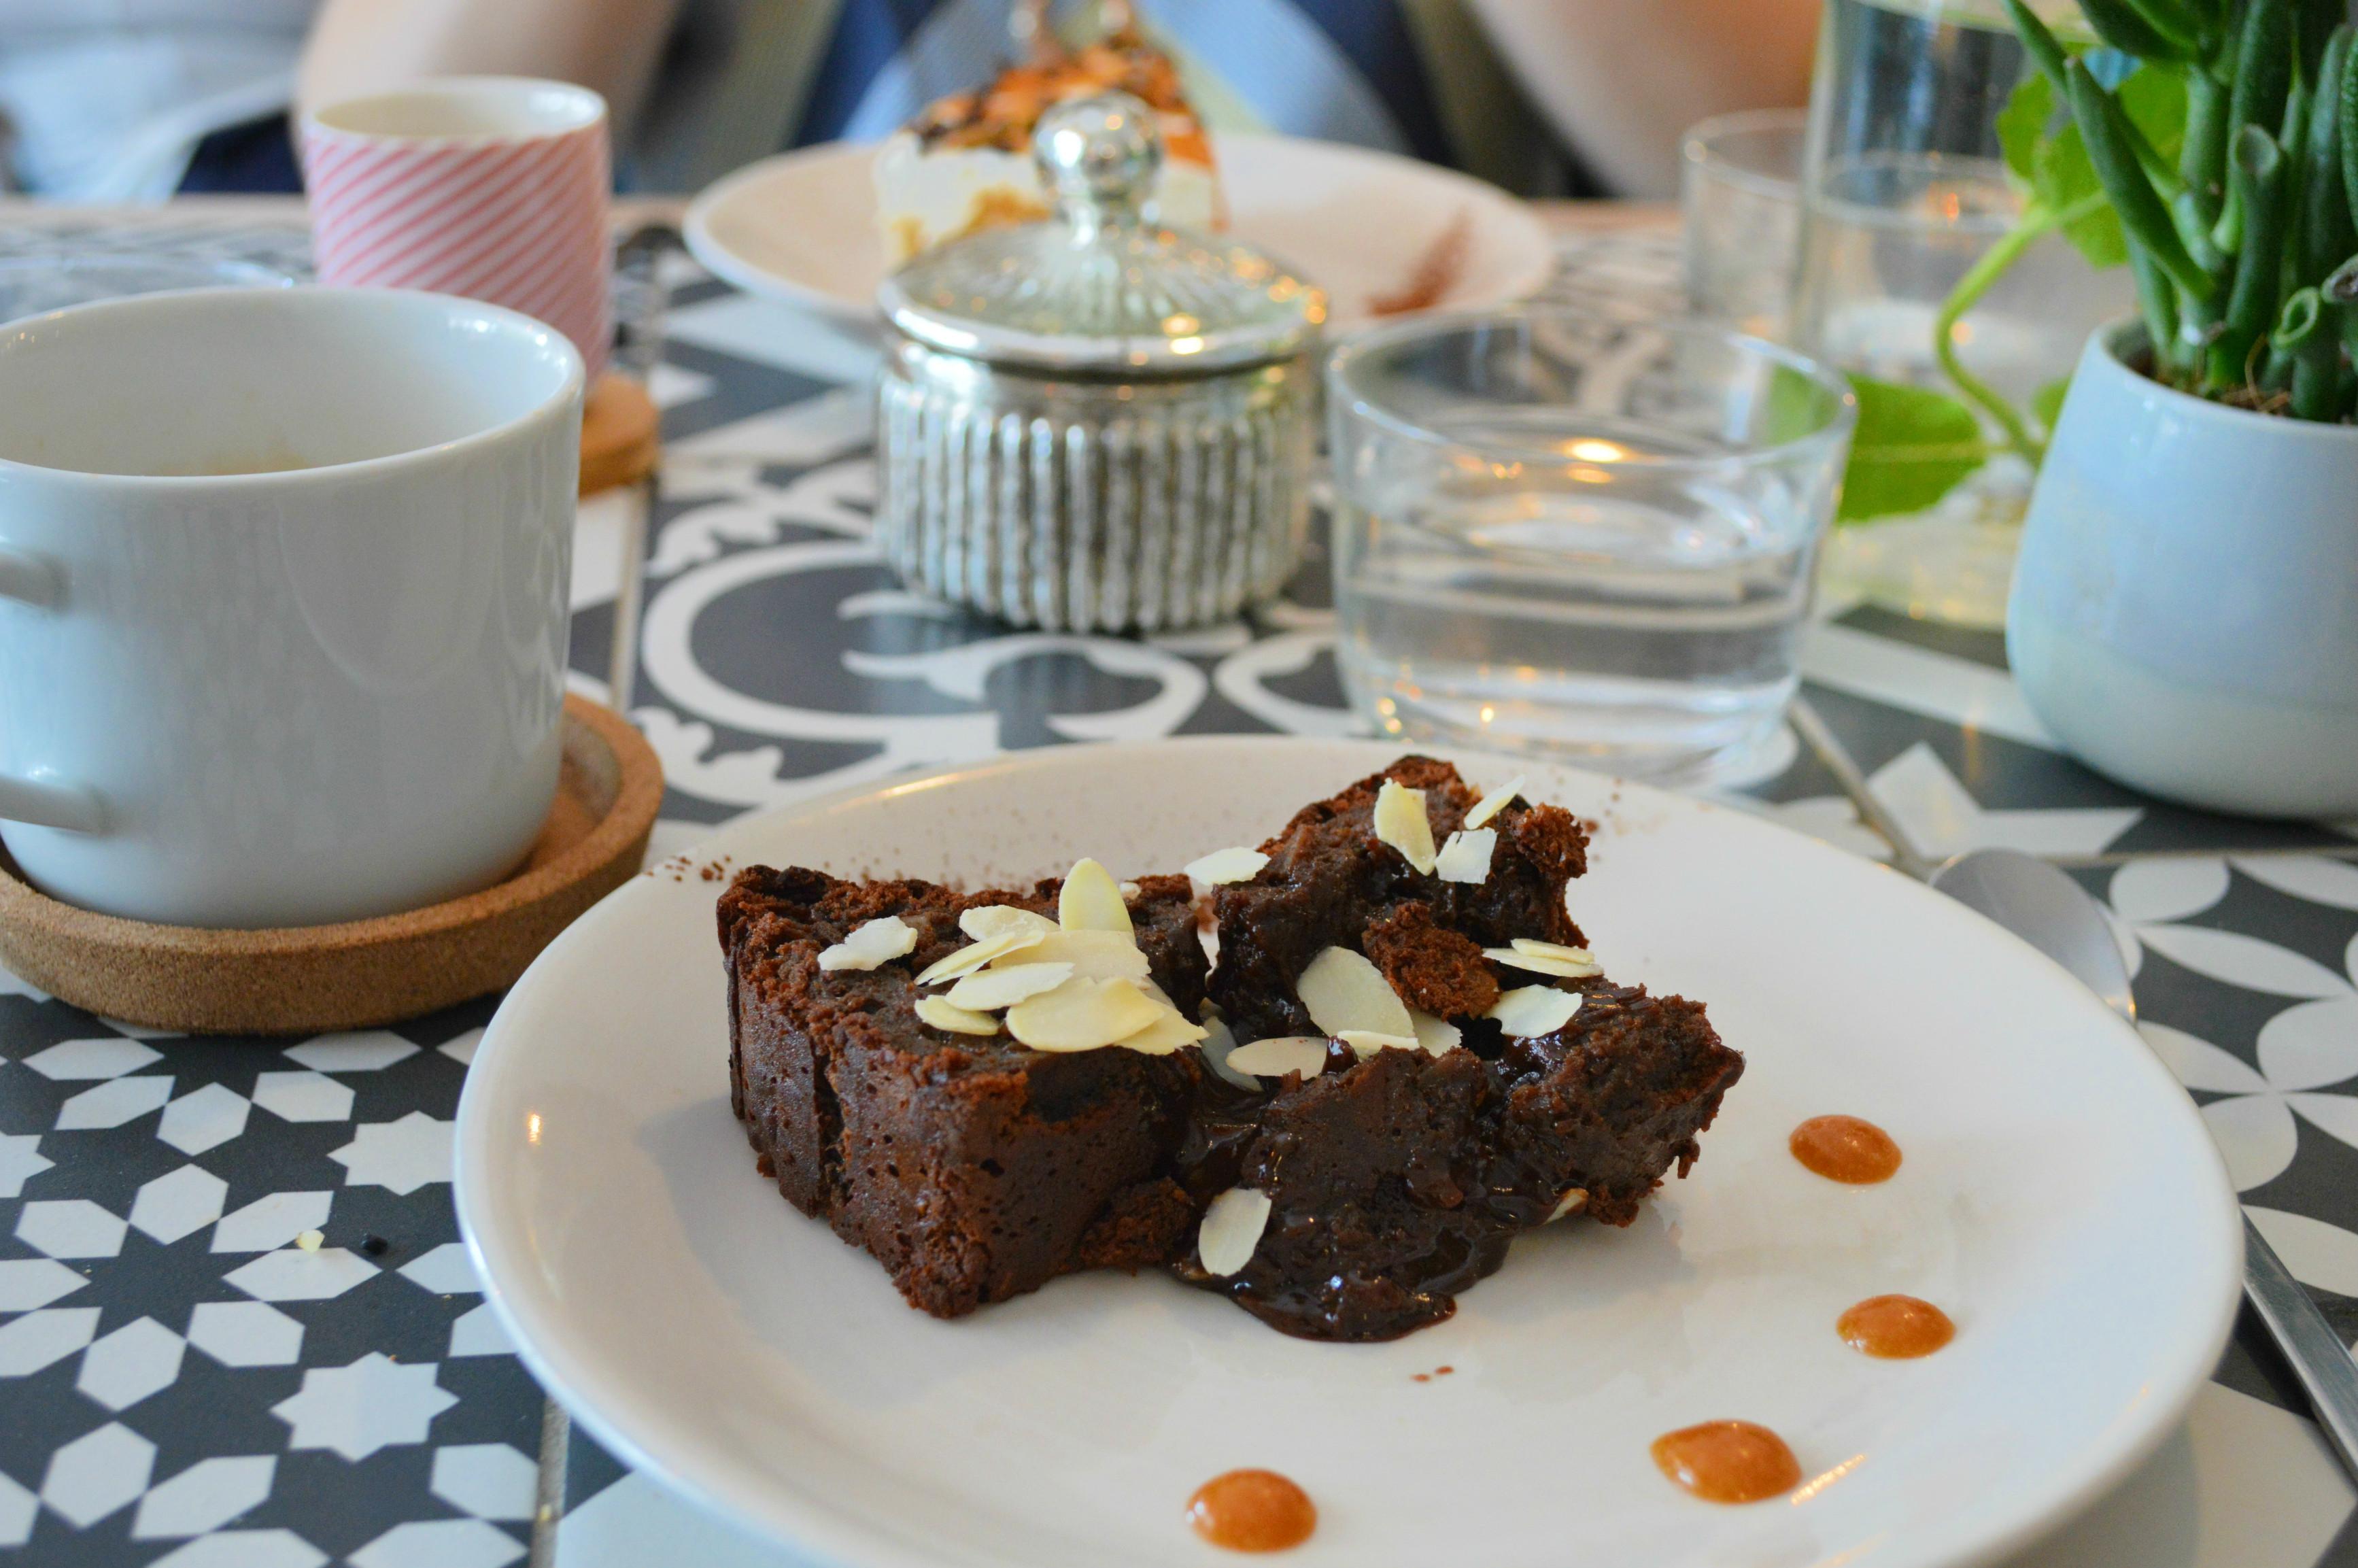 dessert maison l'instant bordeaux bon plan déjeuner - blog Camille In Bordeaux